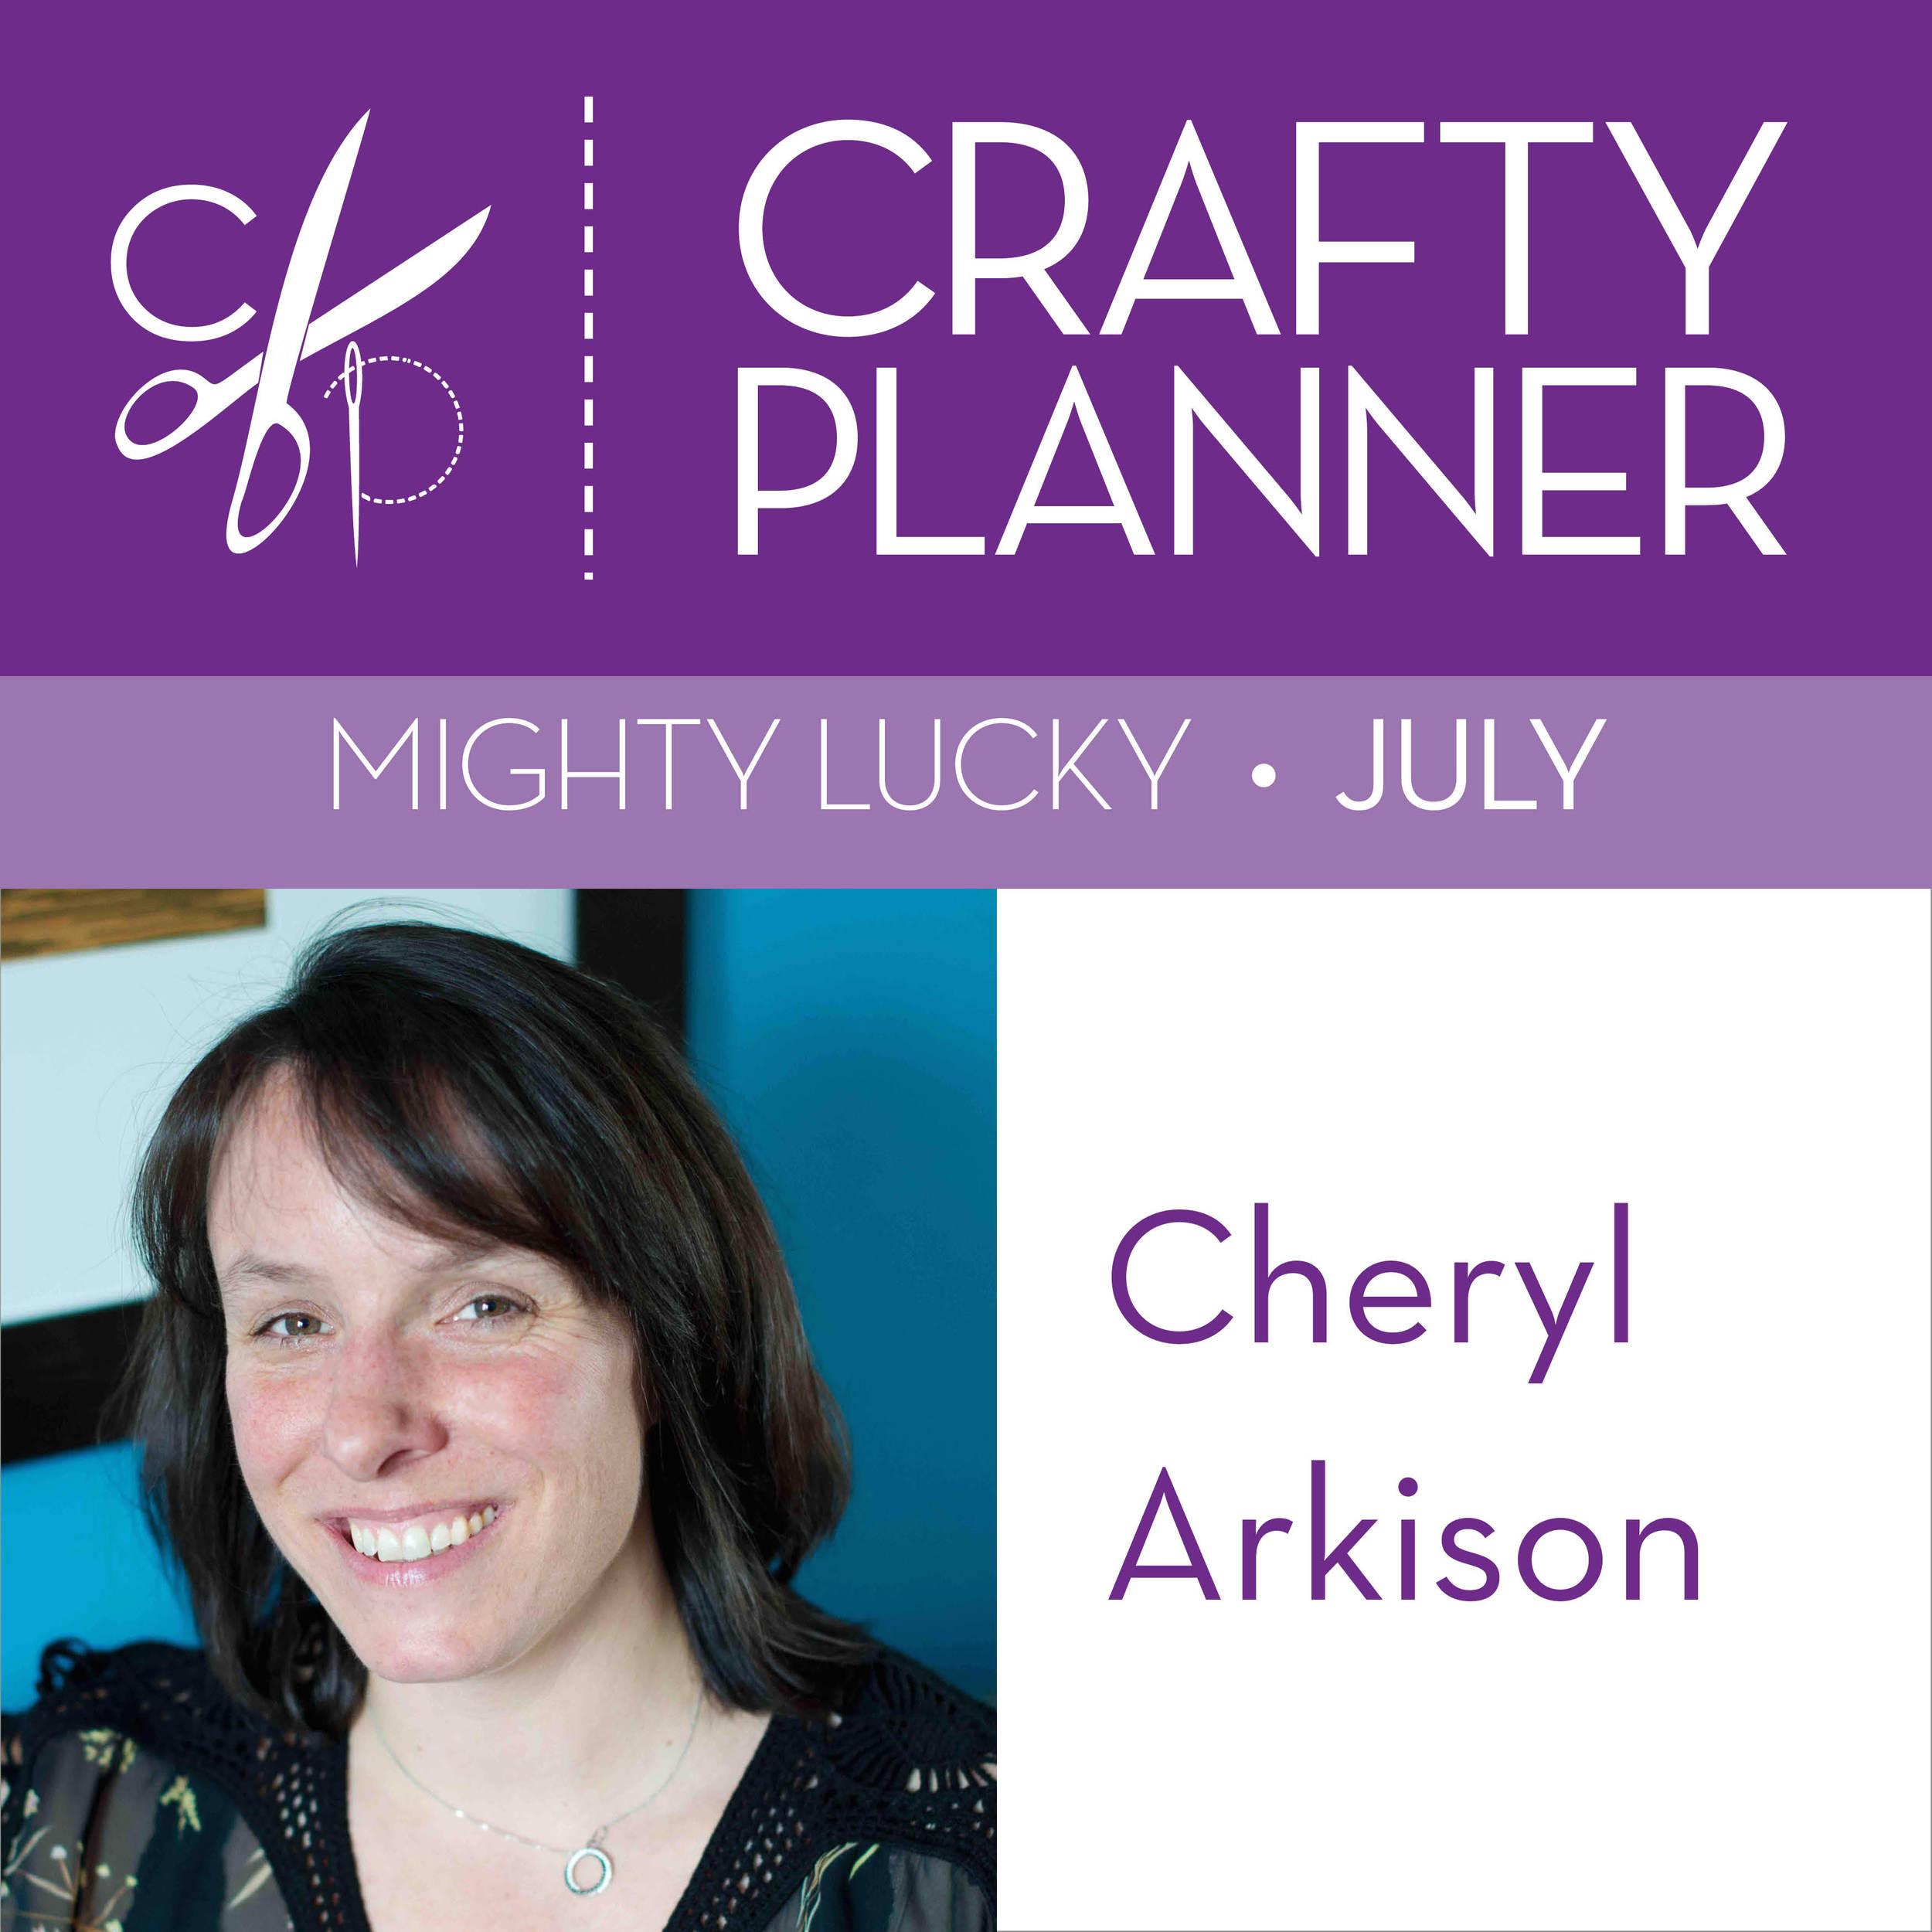 Cheryl Arkison Crafty Planner